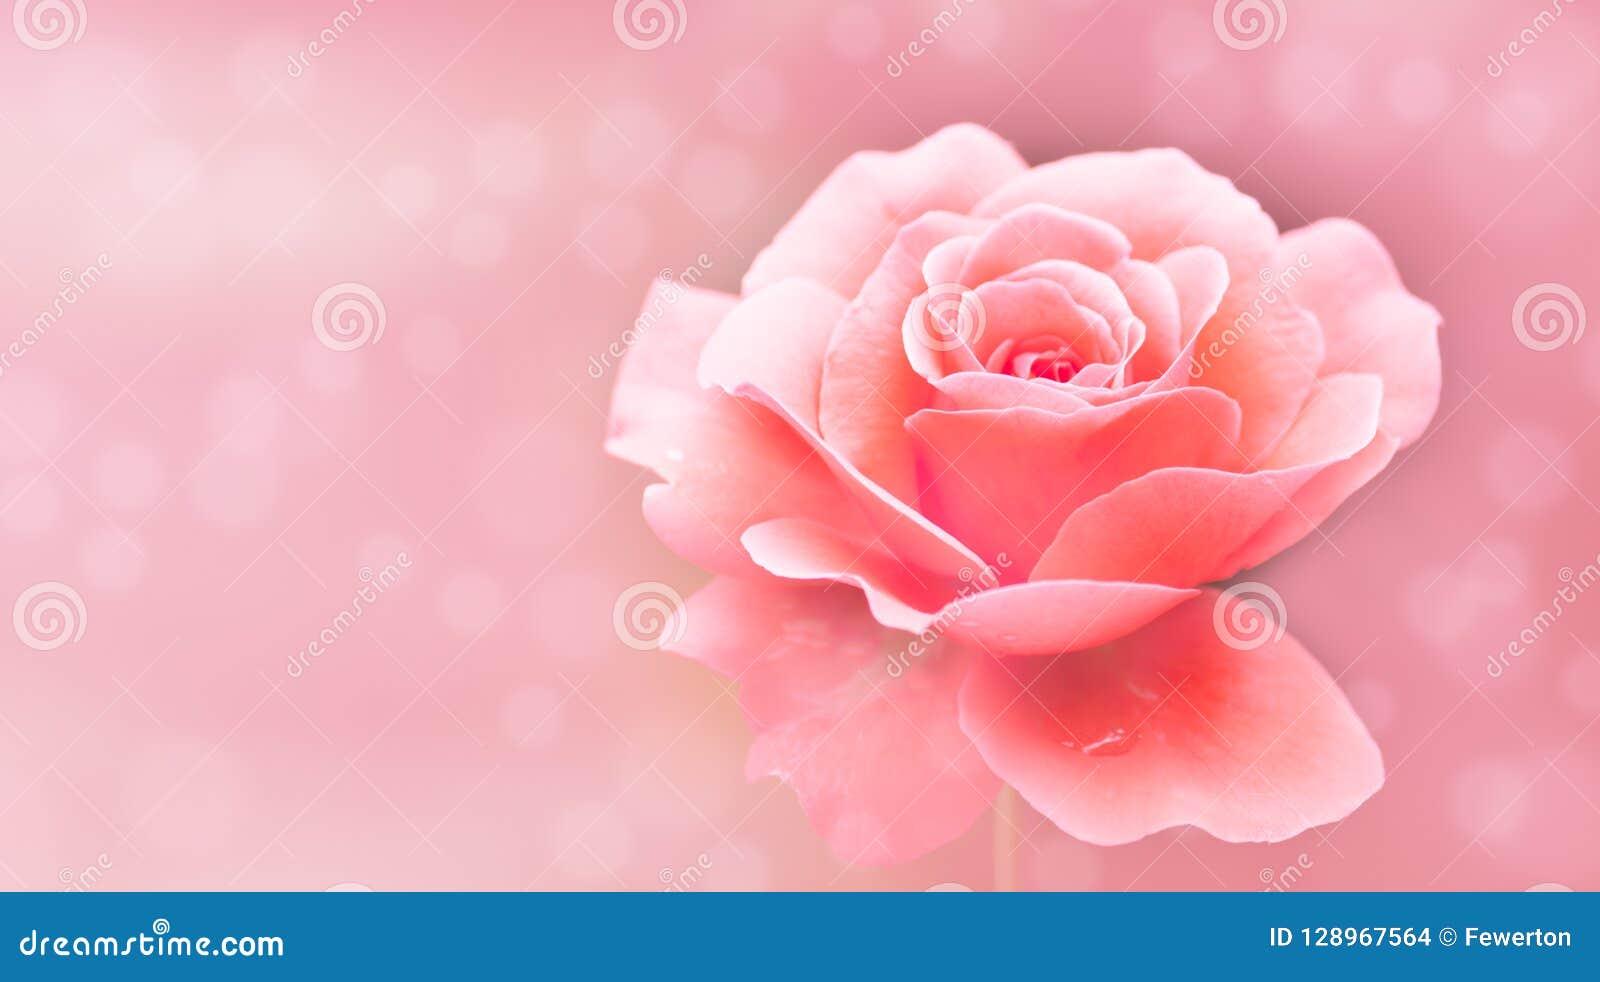 唯一桃红色和白色玫瑰隔绝了桃红色有选择性的软的迷离背景bokeh出于与对浅深度的用途的焦点背景